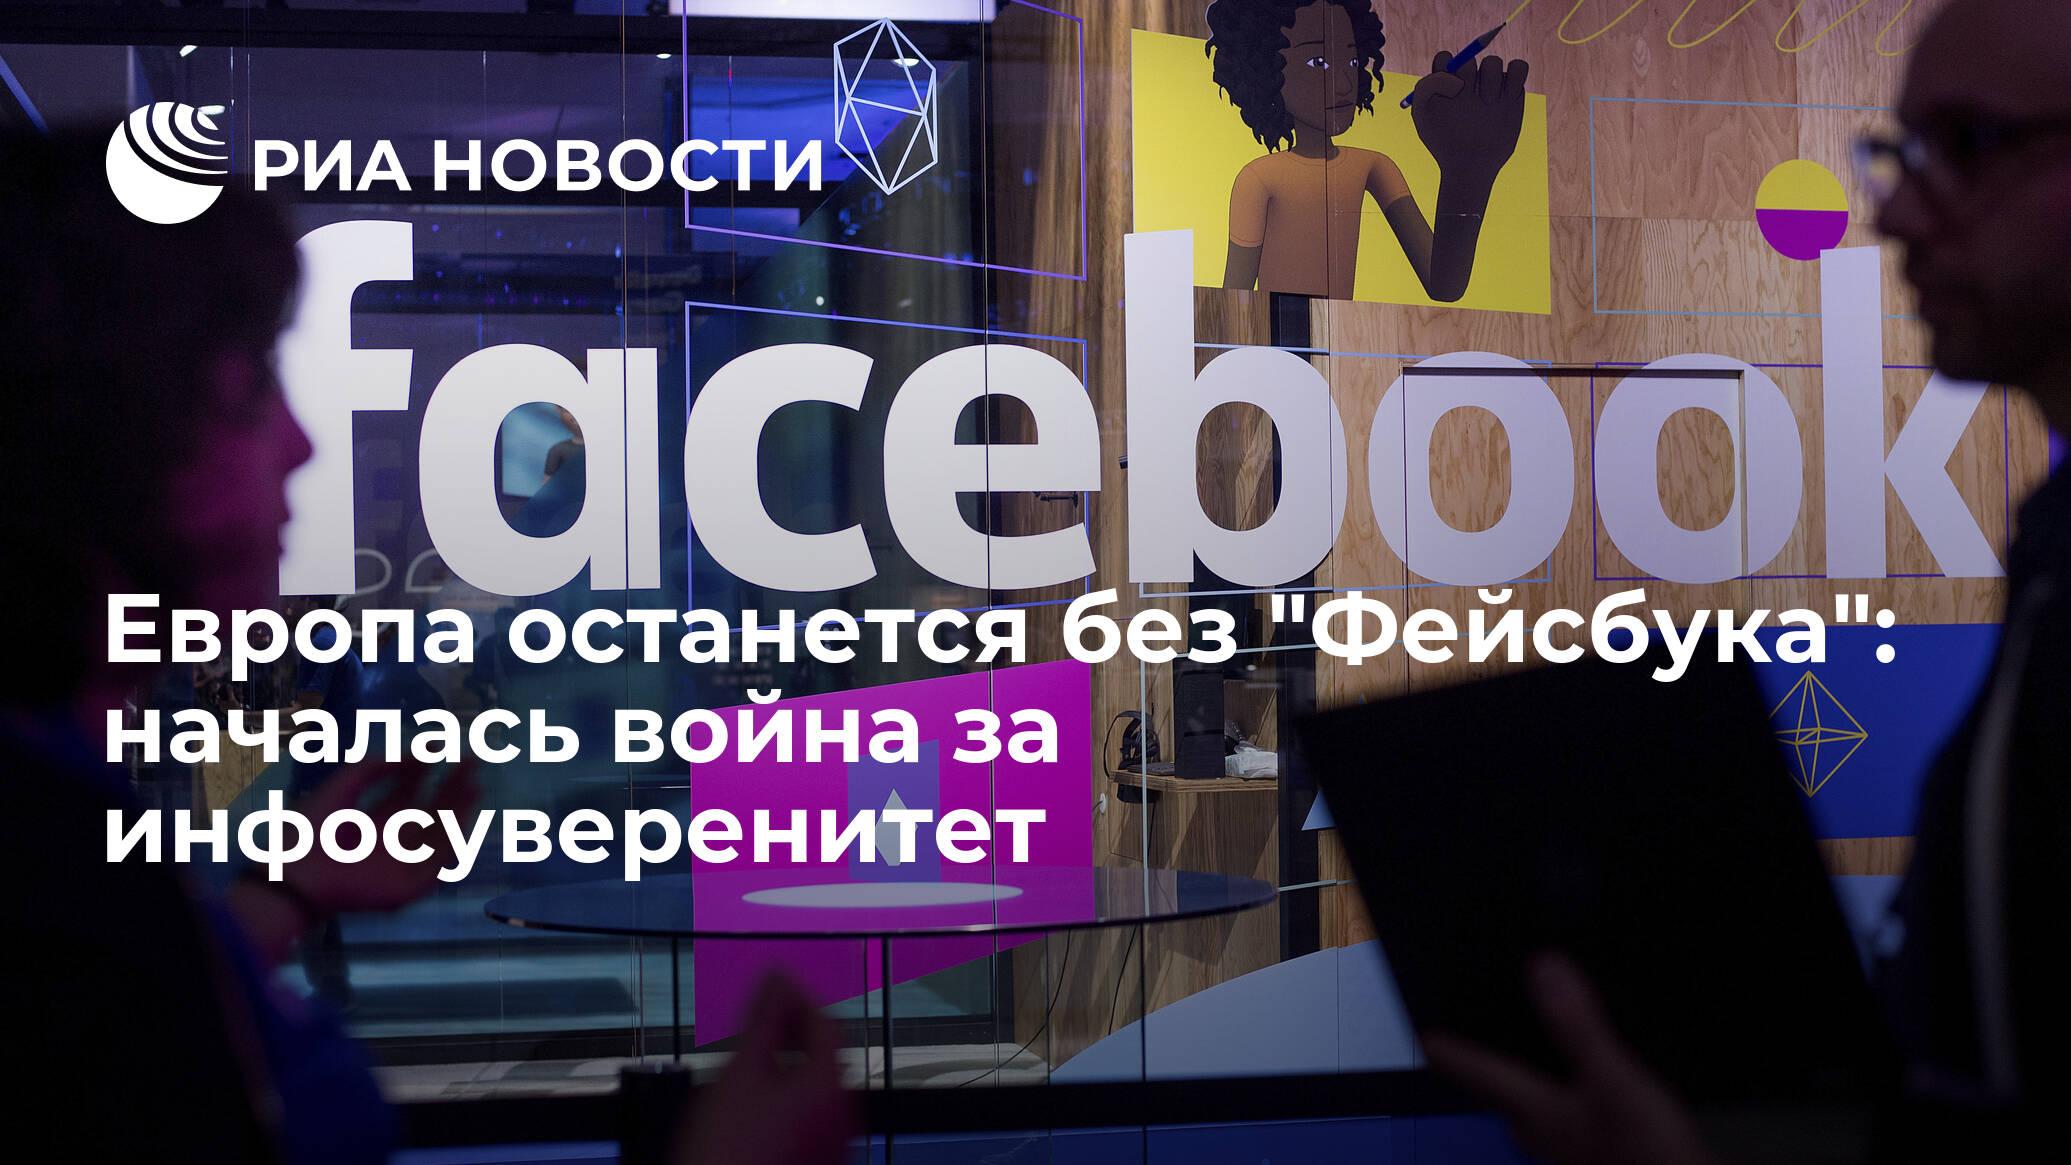 """Европа останется без """"Фейсбука"""": началась война за инфосуверенитет - РИА Новости, 28.09.2020"""